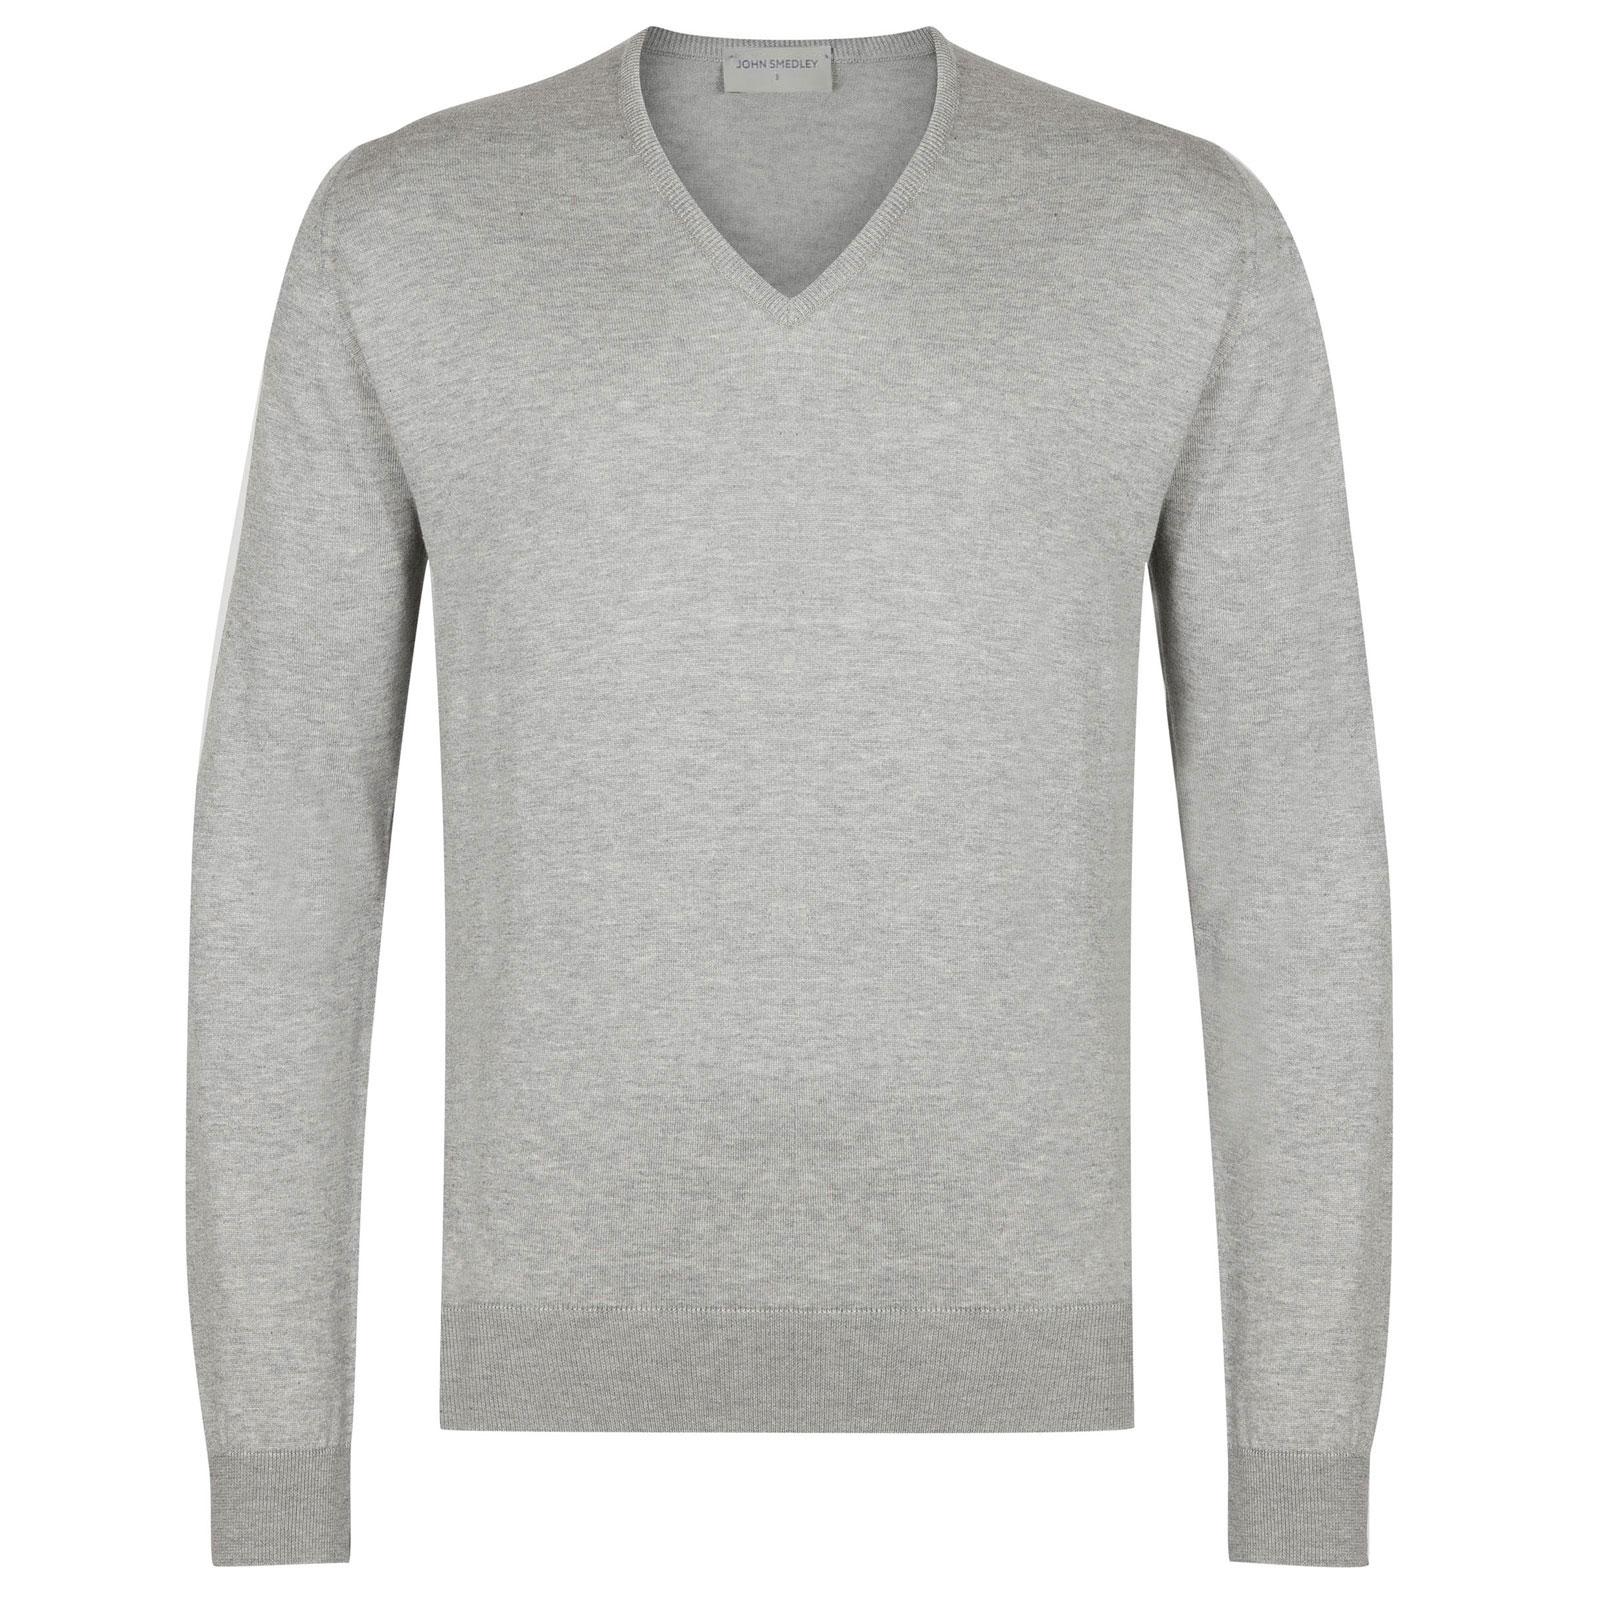 John Smedley Woburn Sea Island Cotton Pullover in Silver-L